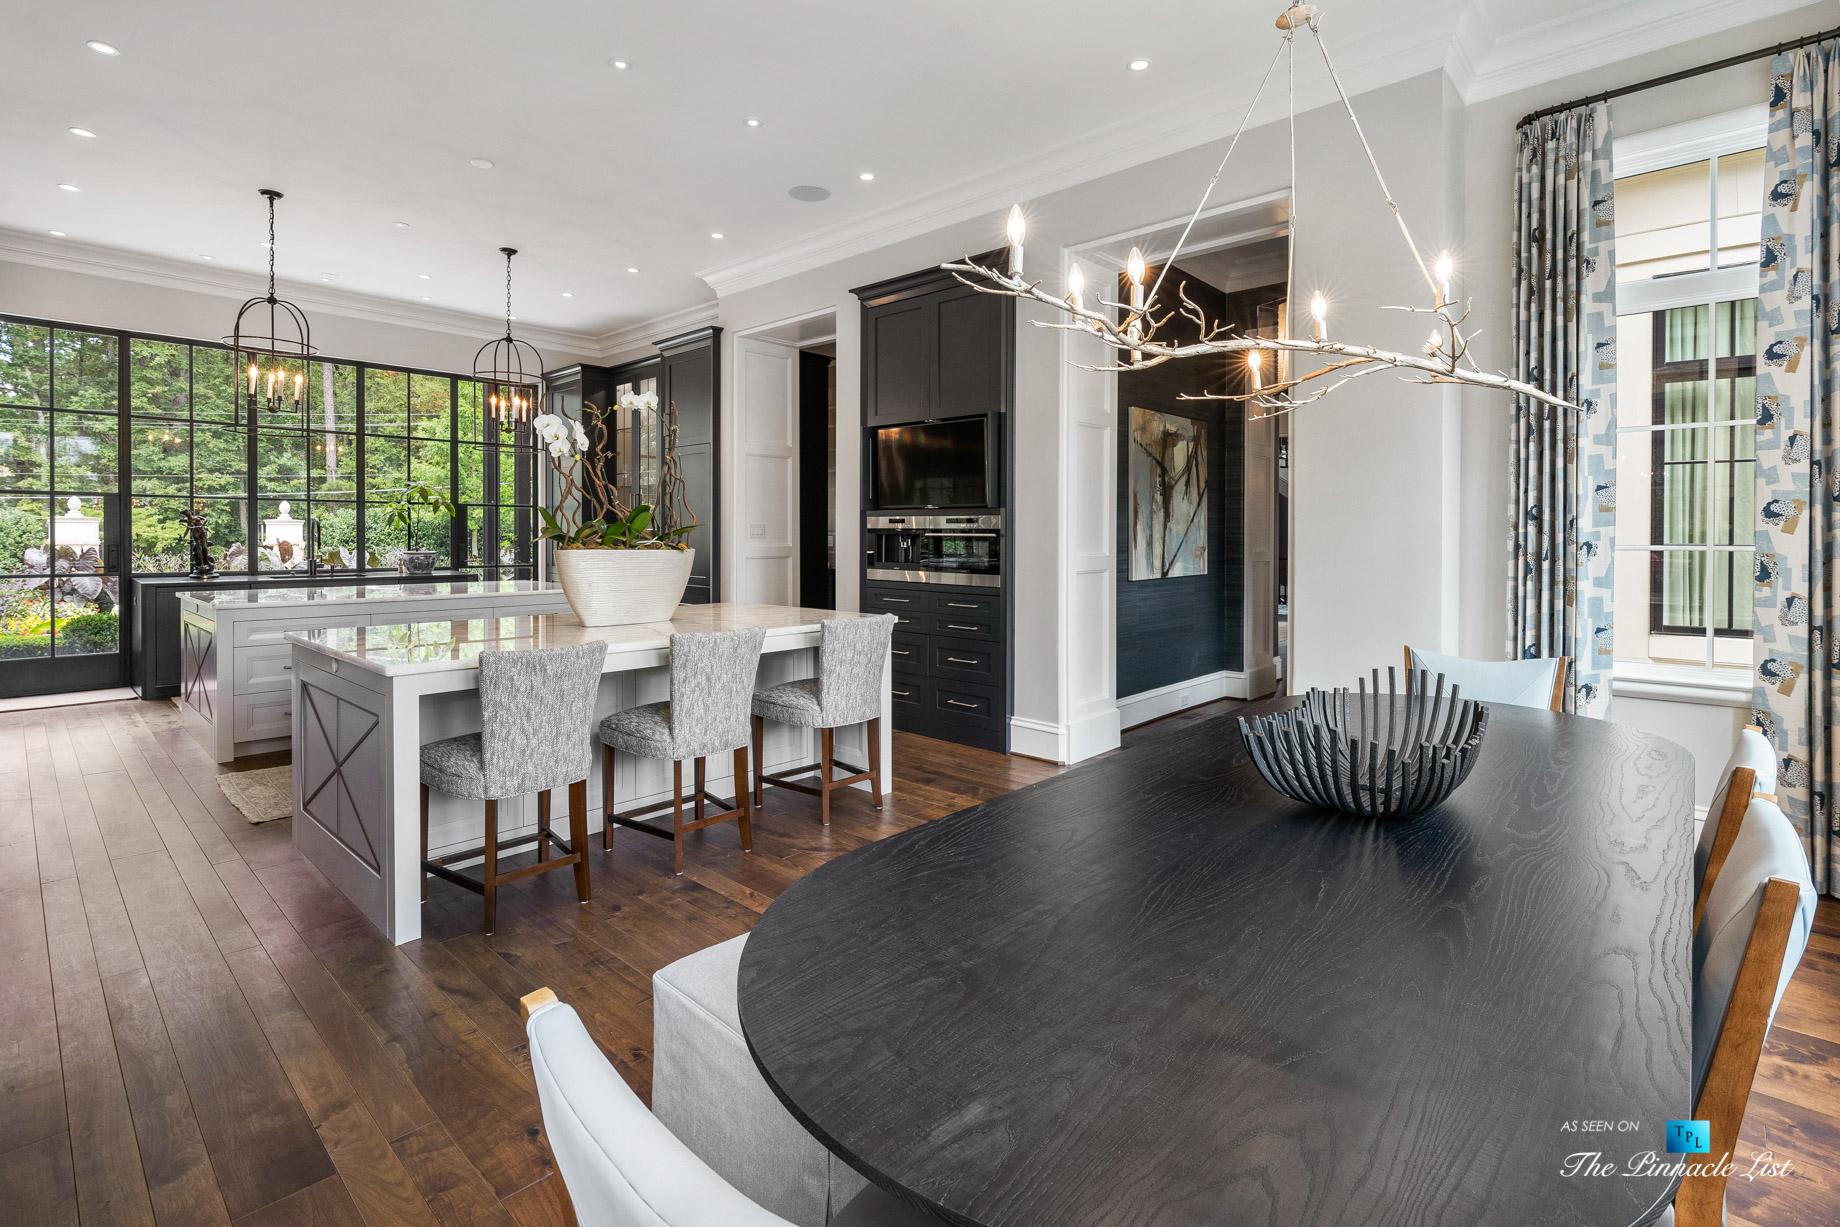 1150 W Garmon Rd, Atlanta, GA, USA – Kitchen with Table – Luxury Real Estate – Buckhead Estate Home